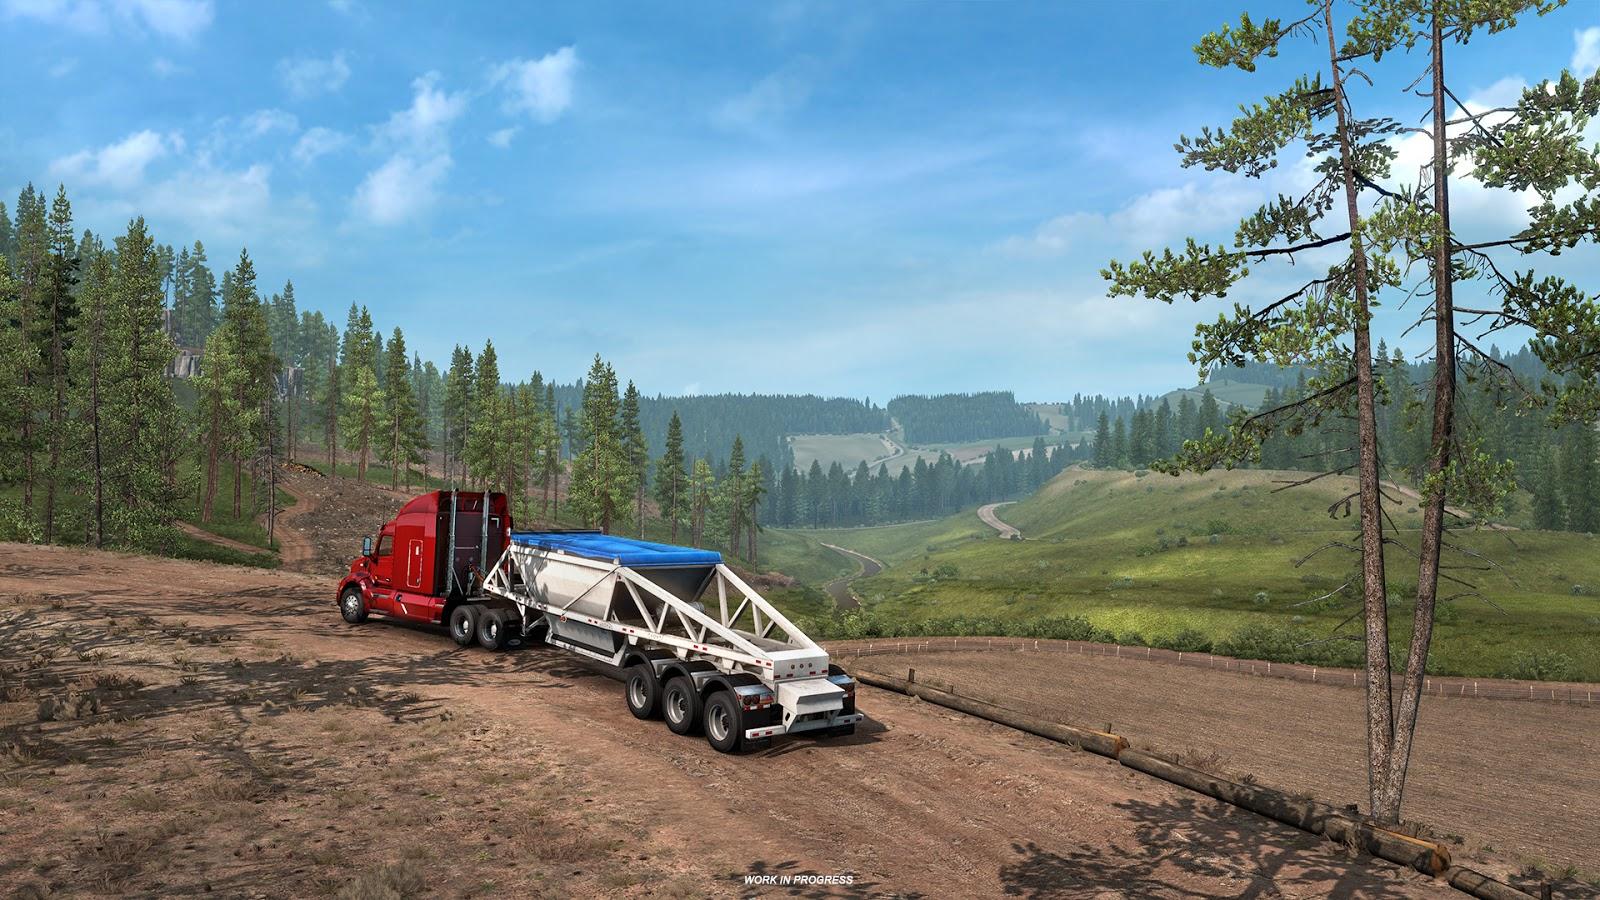 ats-idaho-22-jpg American Truck Sim | More Idaho Previews - Logging